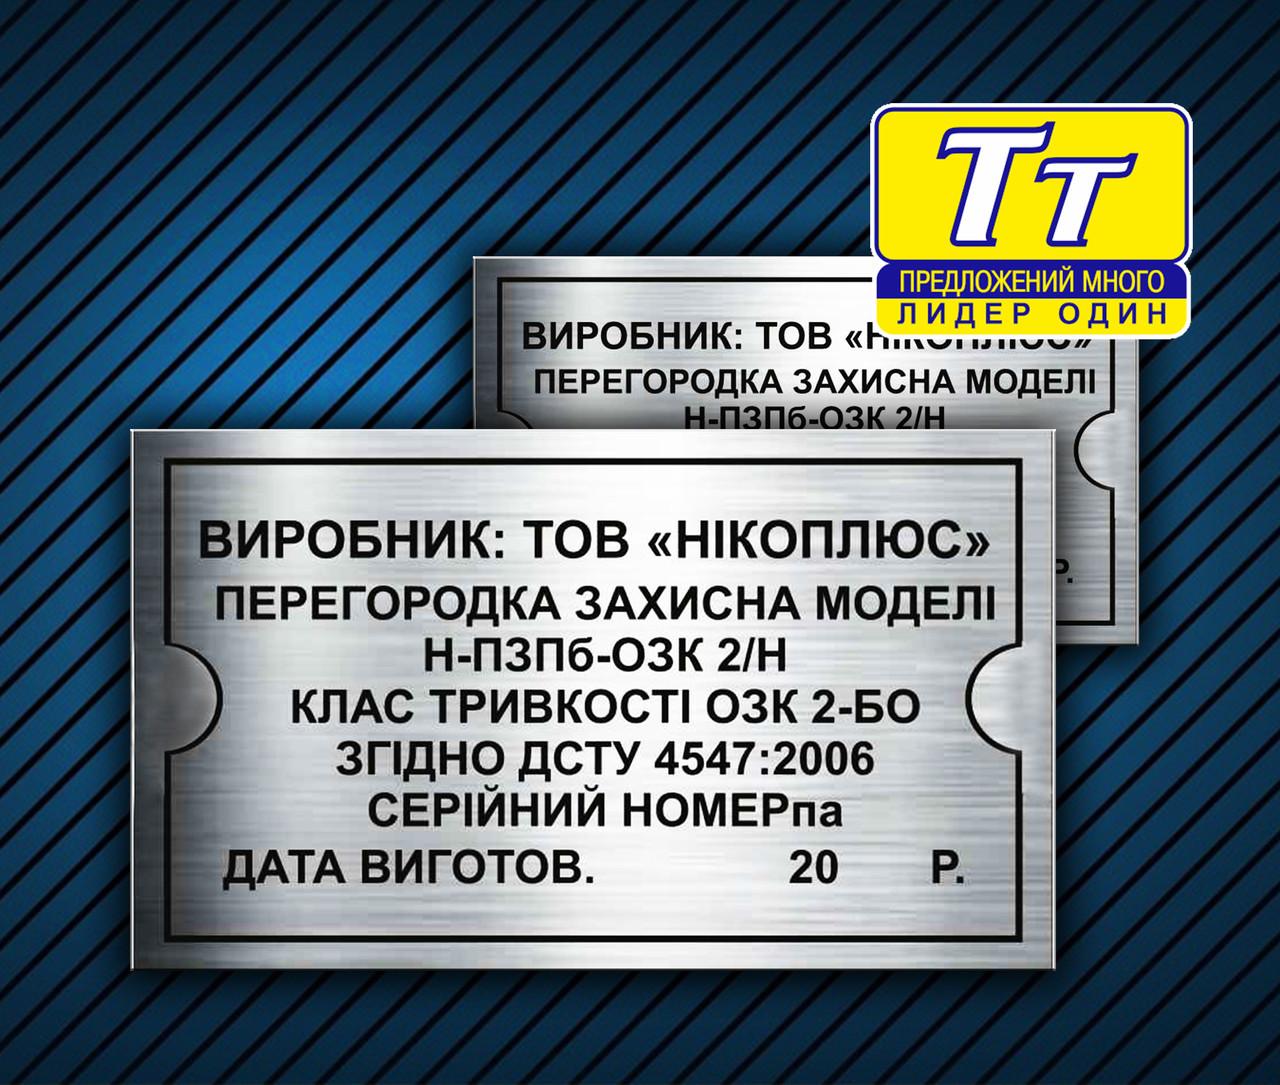 ИЗГОТОВЛЕНИЕ БИРОК НА МЕТАЛЛЕ ДЛЯ ОБОРУДОВАНИЯ И ТЕХНИКИ ЗА 1 ЧАС (ОБОЛОНЬ) - ООО «Турфан-Трейд» в Киеве